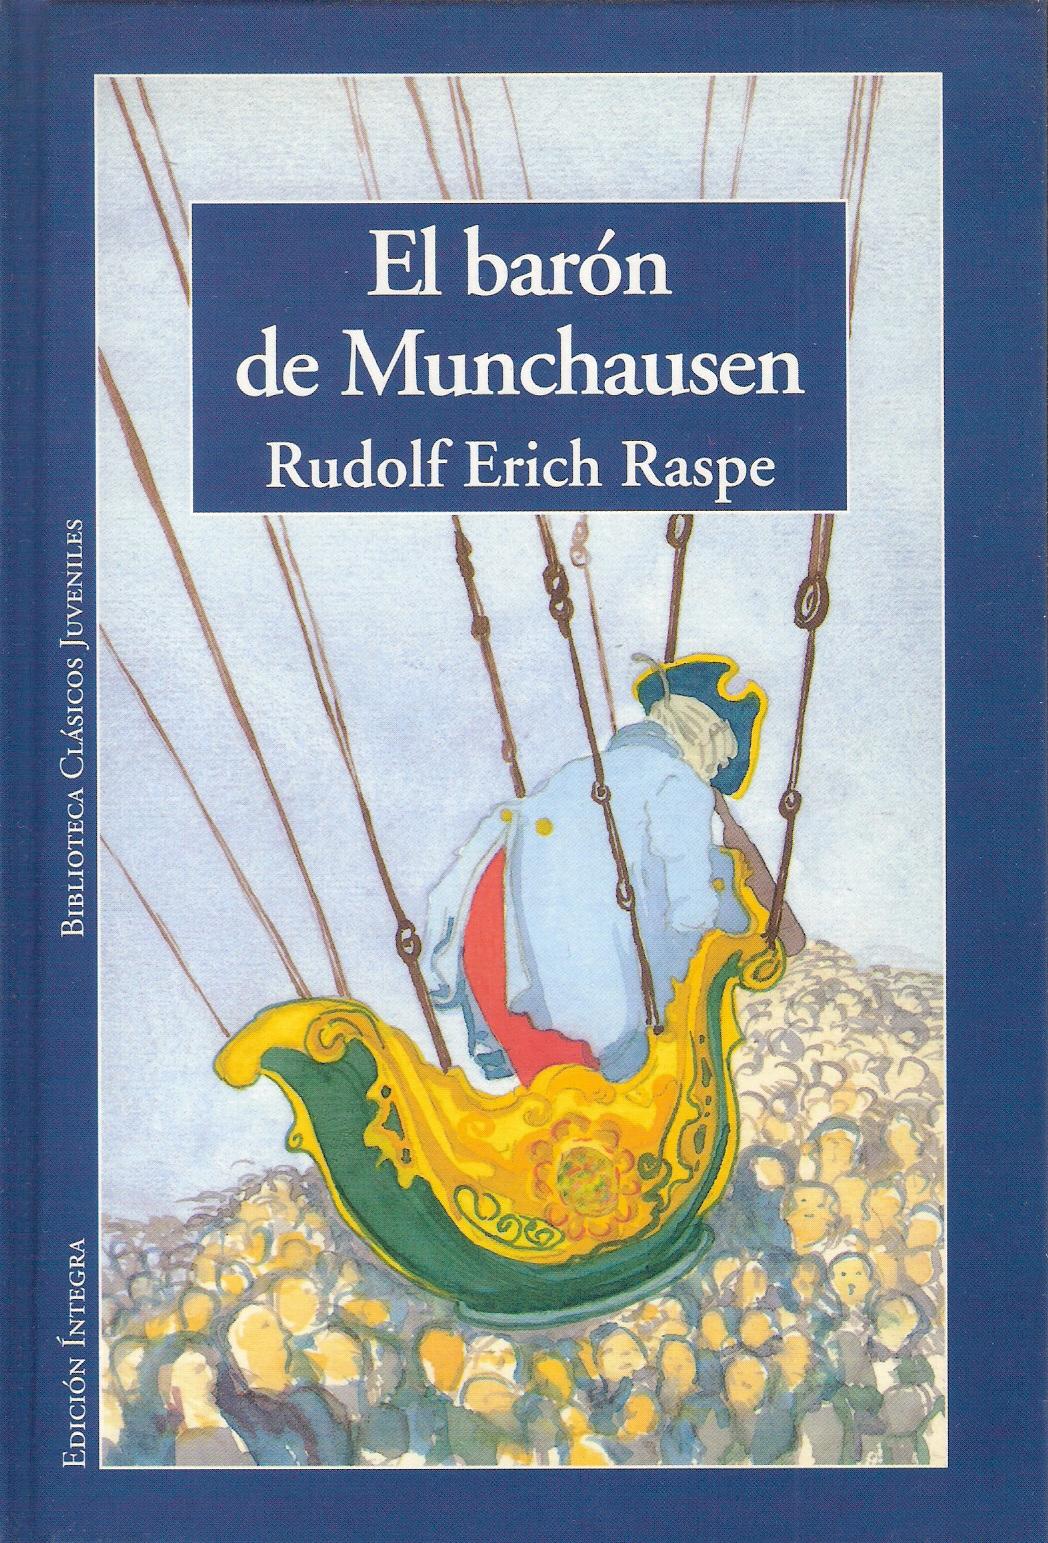 El baron de Münchausen